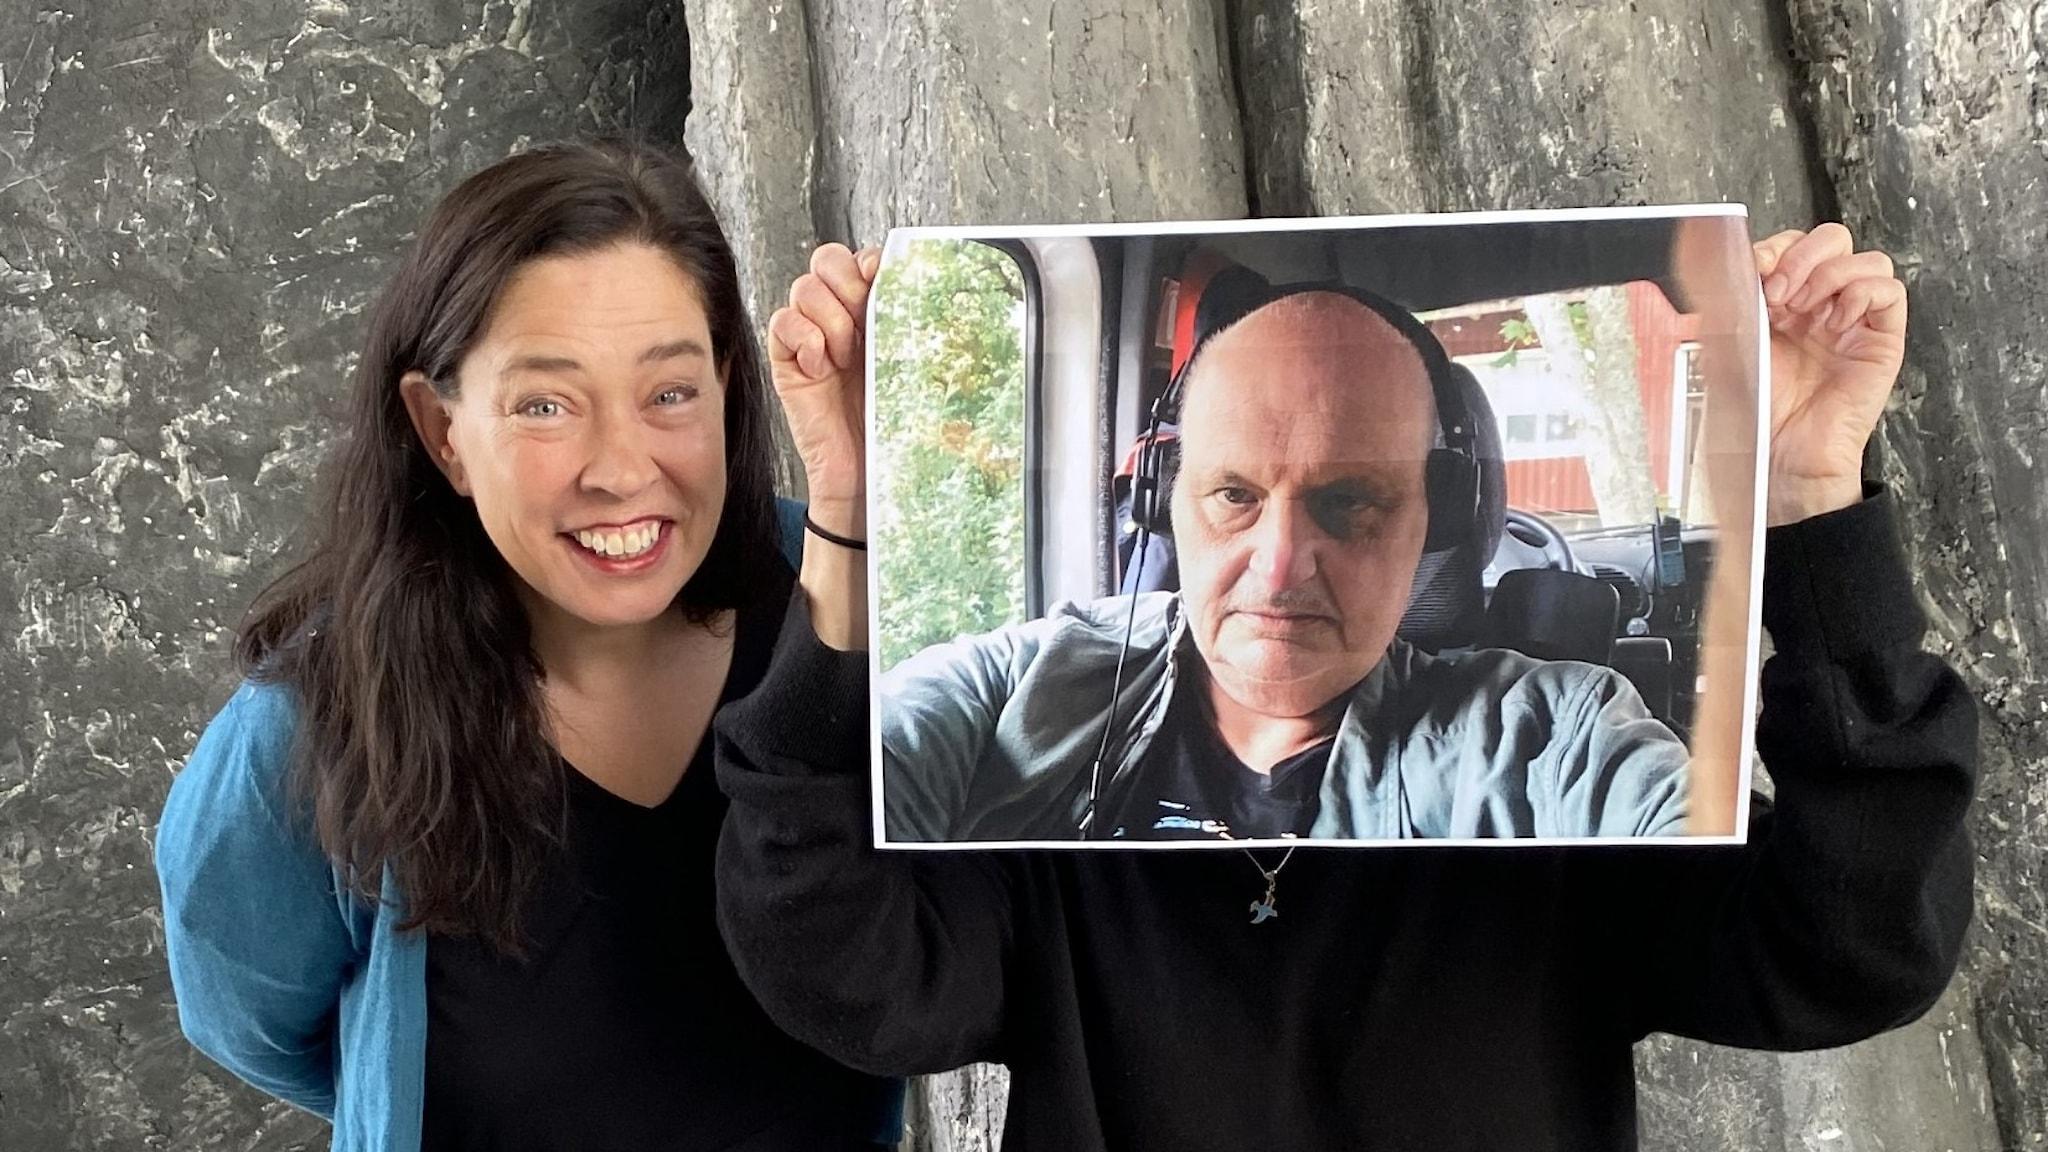 Marie Lundström i Stockholm. Bredvid henne står en person och håller upp en bild på Göran Greider som när intervjun gjordes befann sig i Falun.